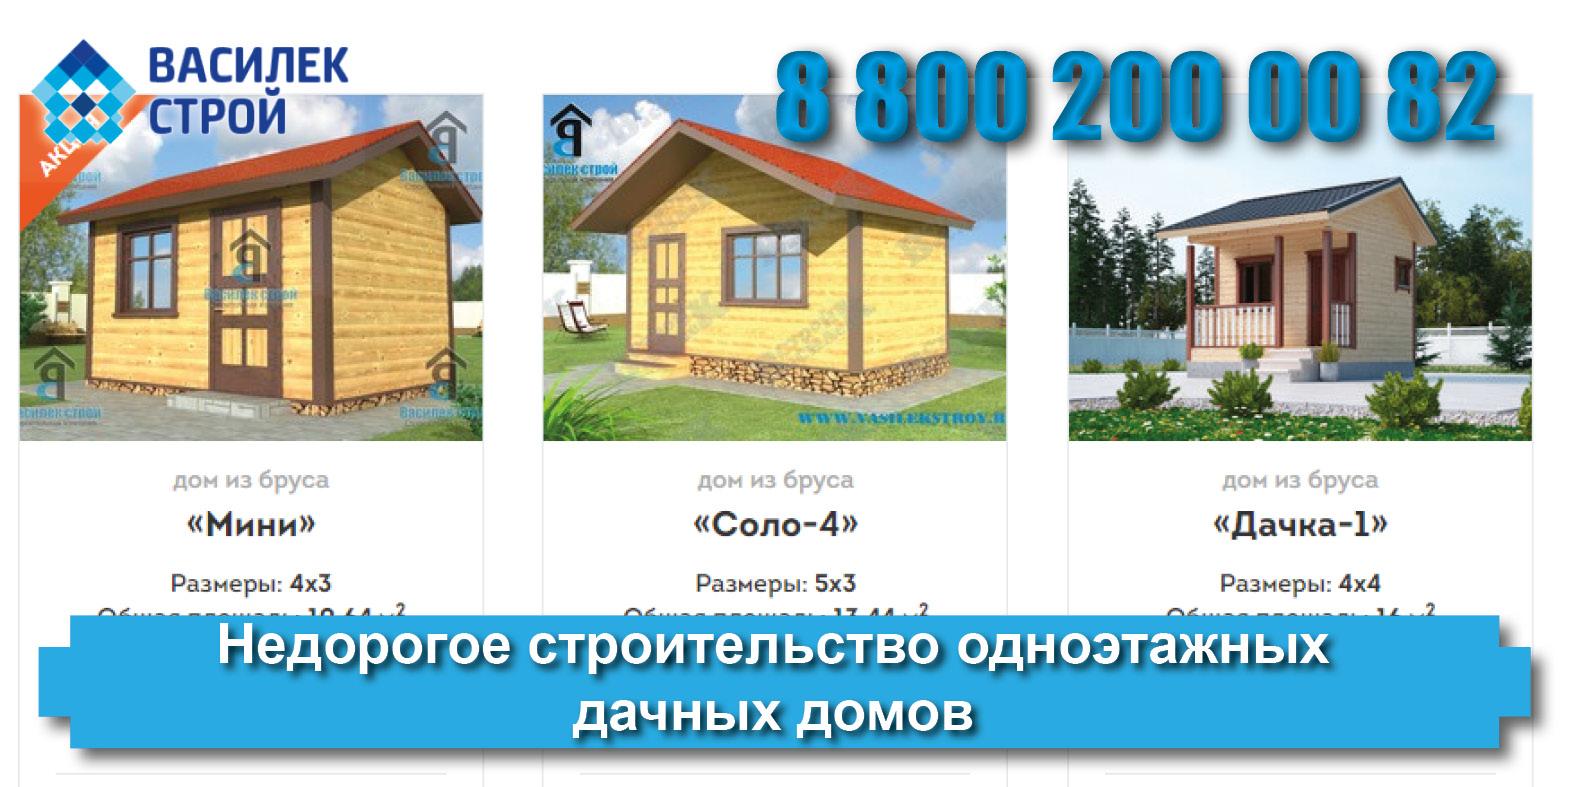 Типовые проекты одноэтажных дачных домов позволяют удешевить строительство одноэтажных дачных домов: предлагаем посмотреть проект дачного домика 6х6